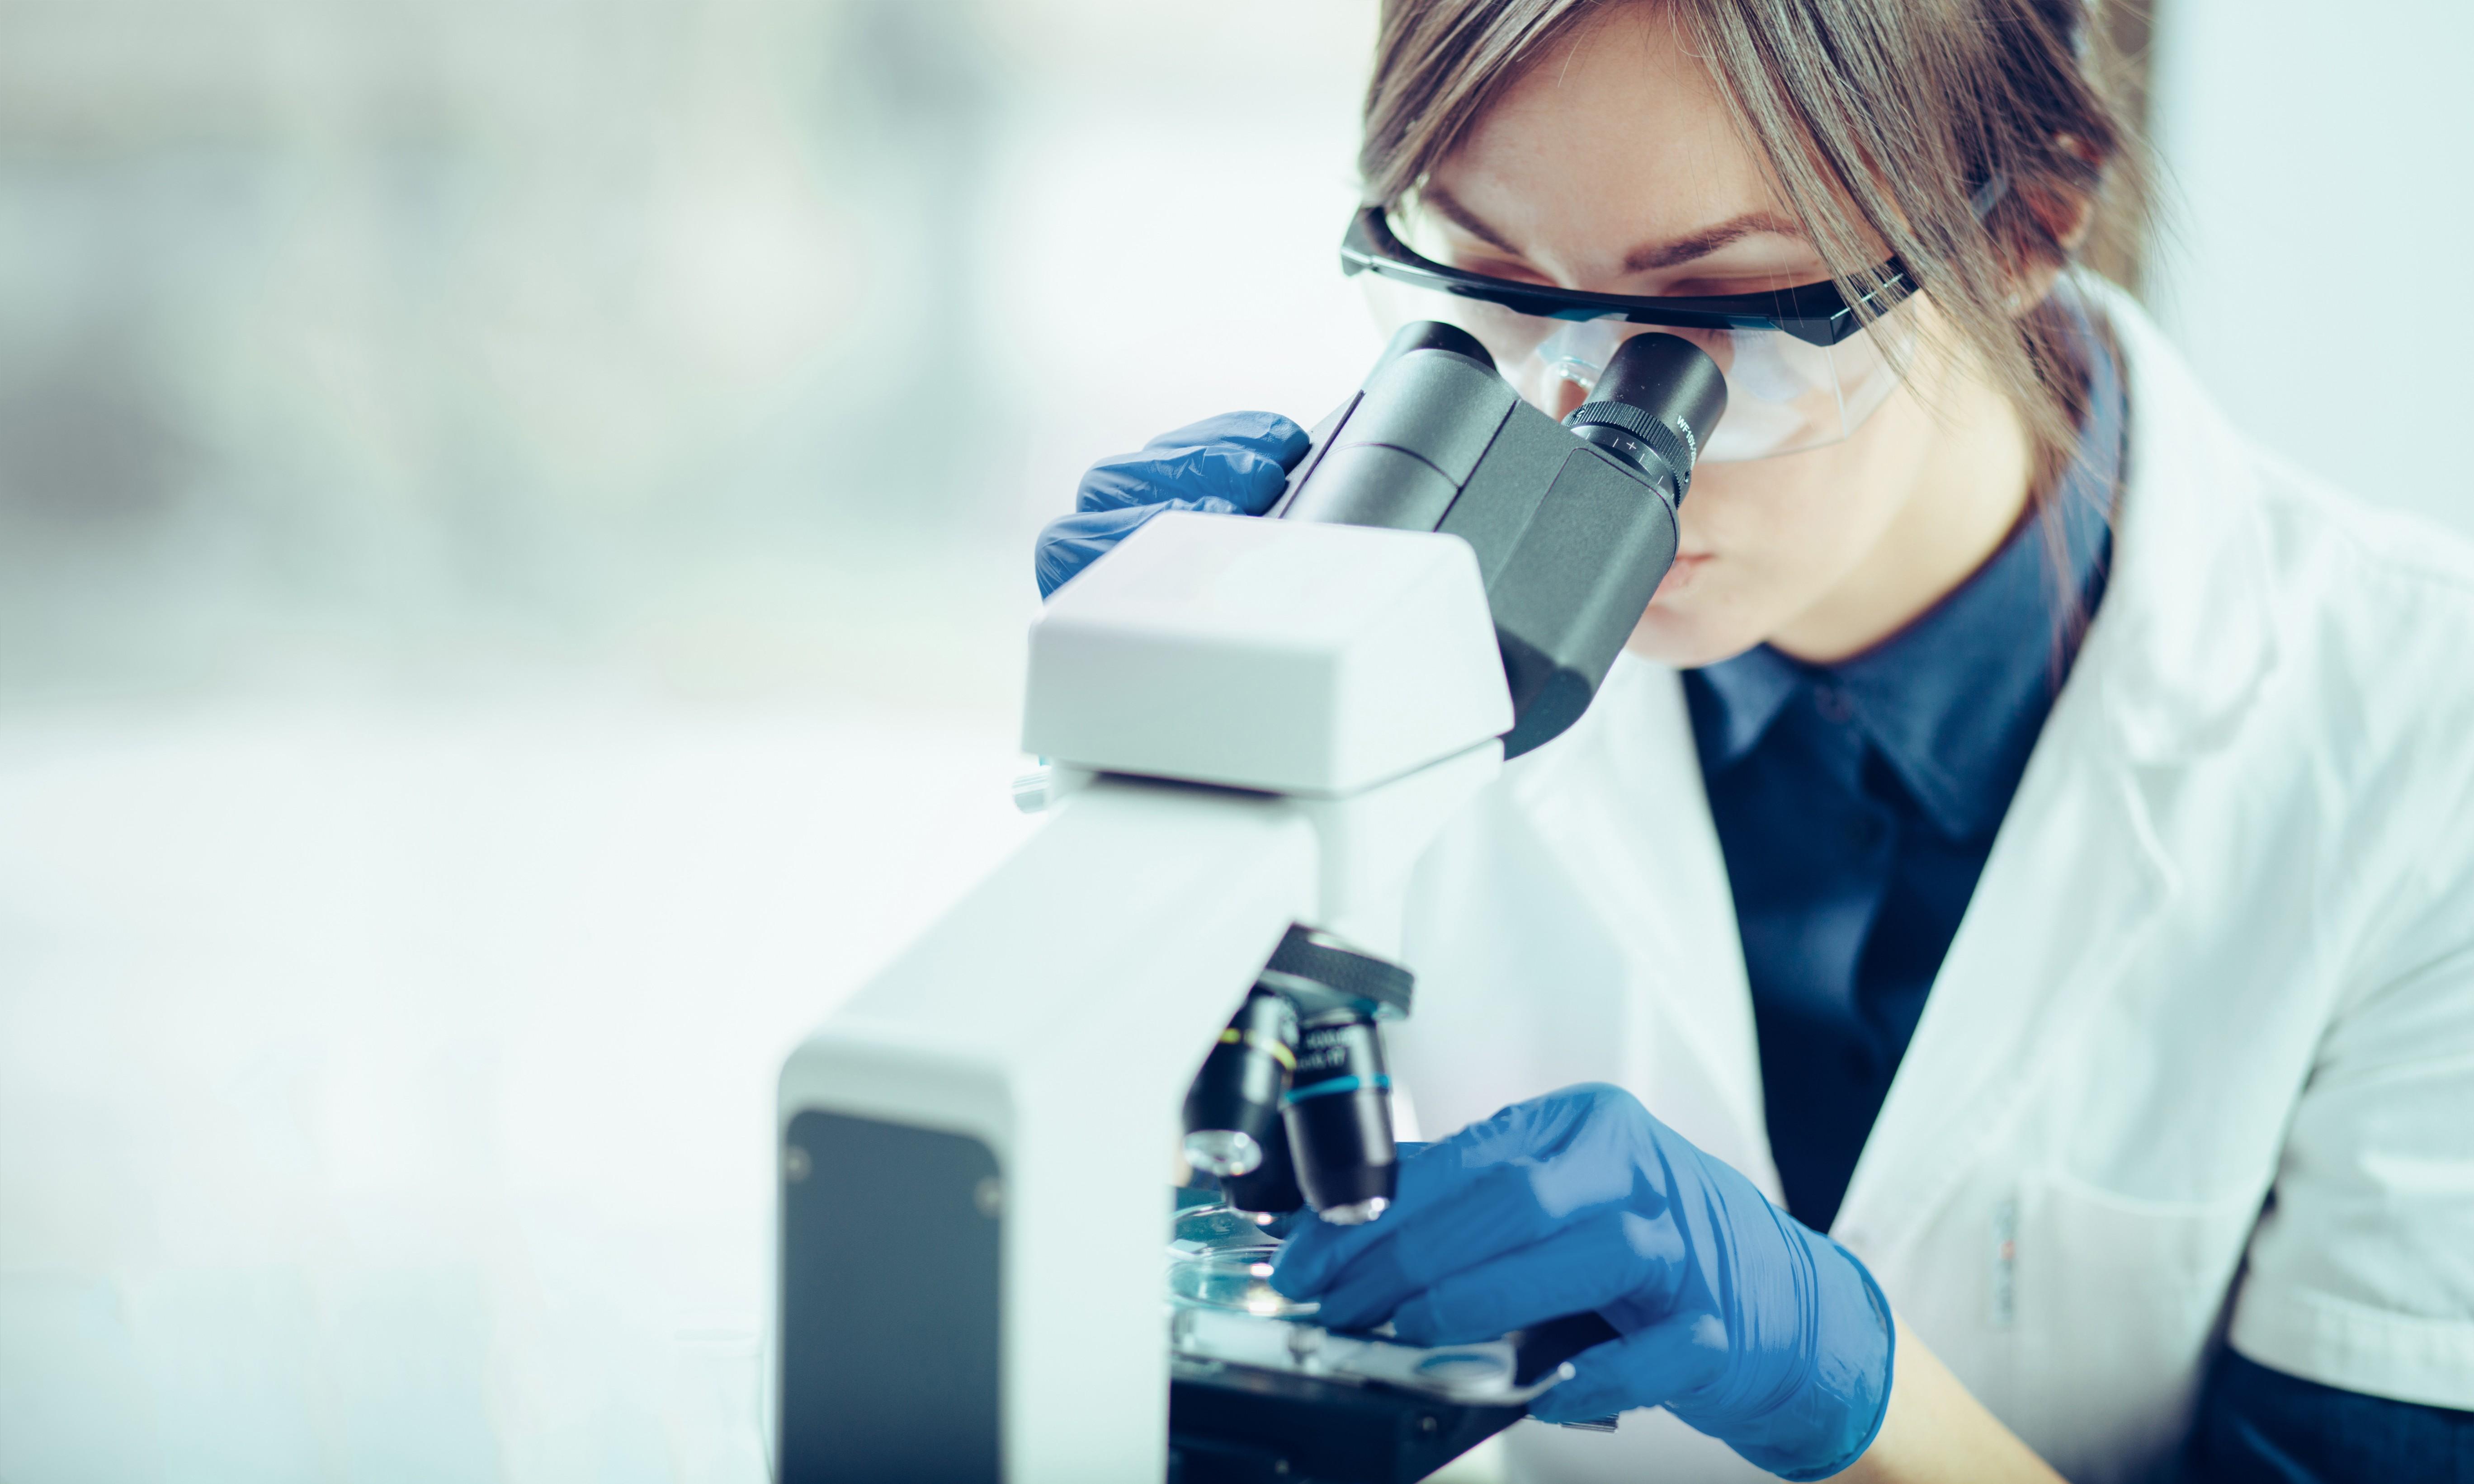 Des chercheurs pensent pouvoir pousser les cellules cancéreuses à s'autodétruire Laboratoire%20-%20De%20Likoper